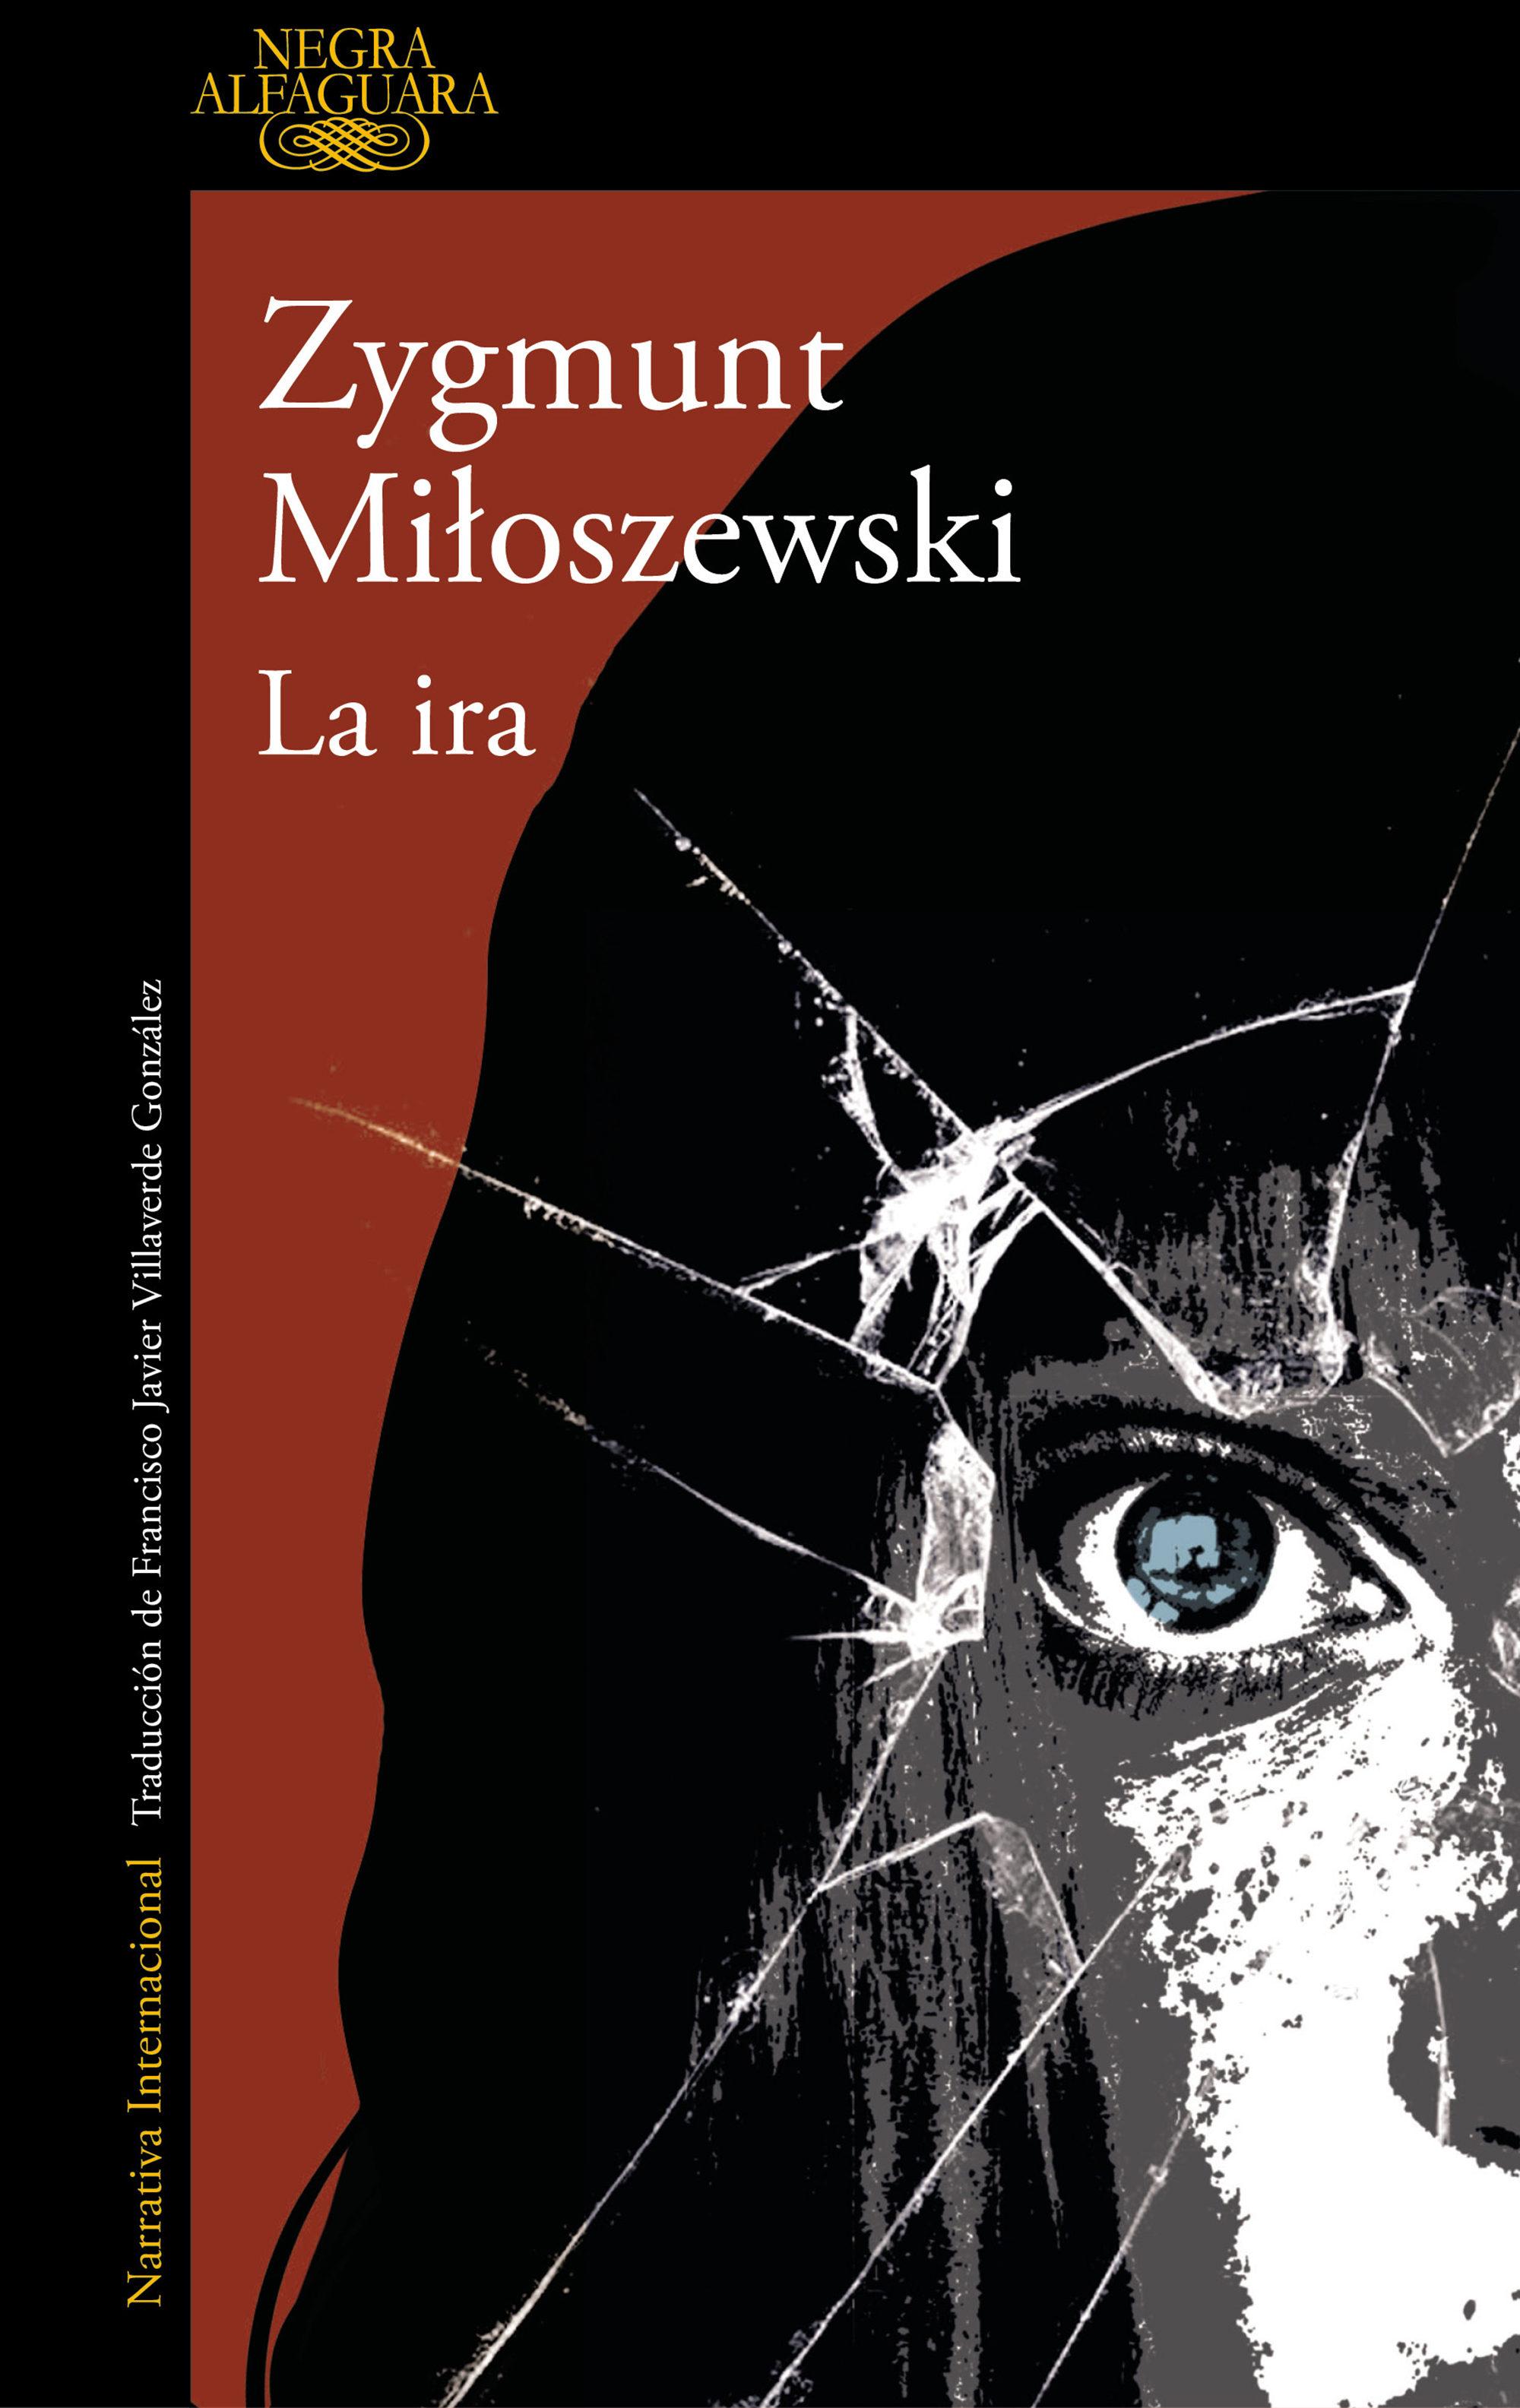 La Ira   por Zygmunt Miloszewski